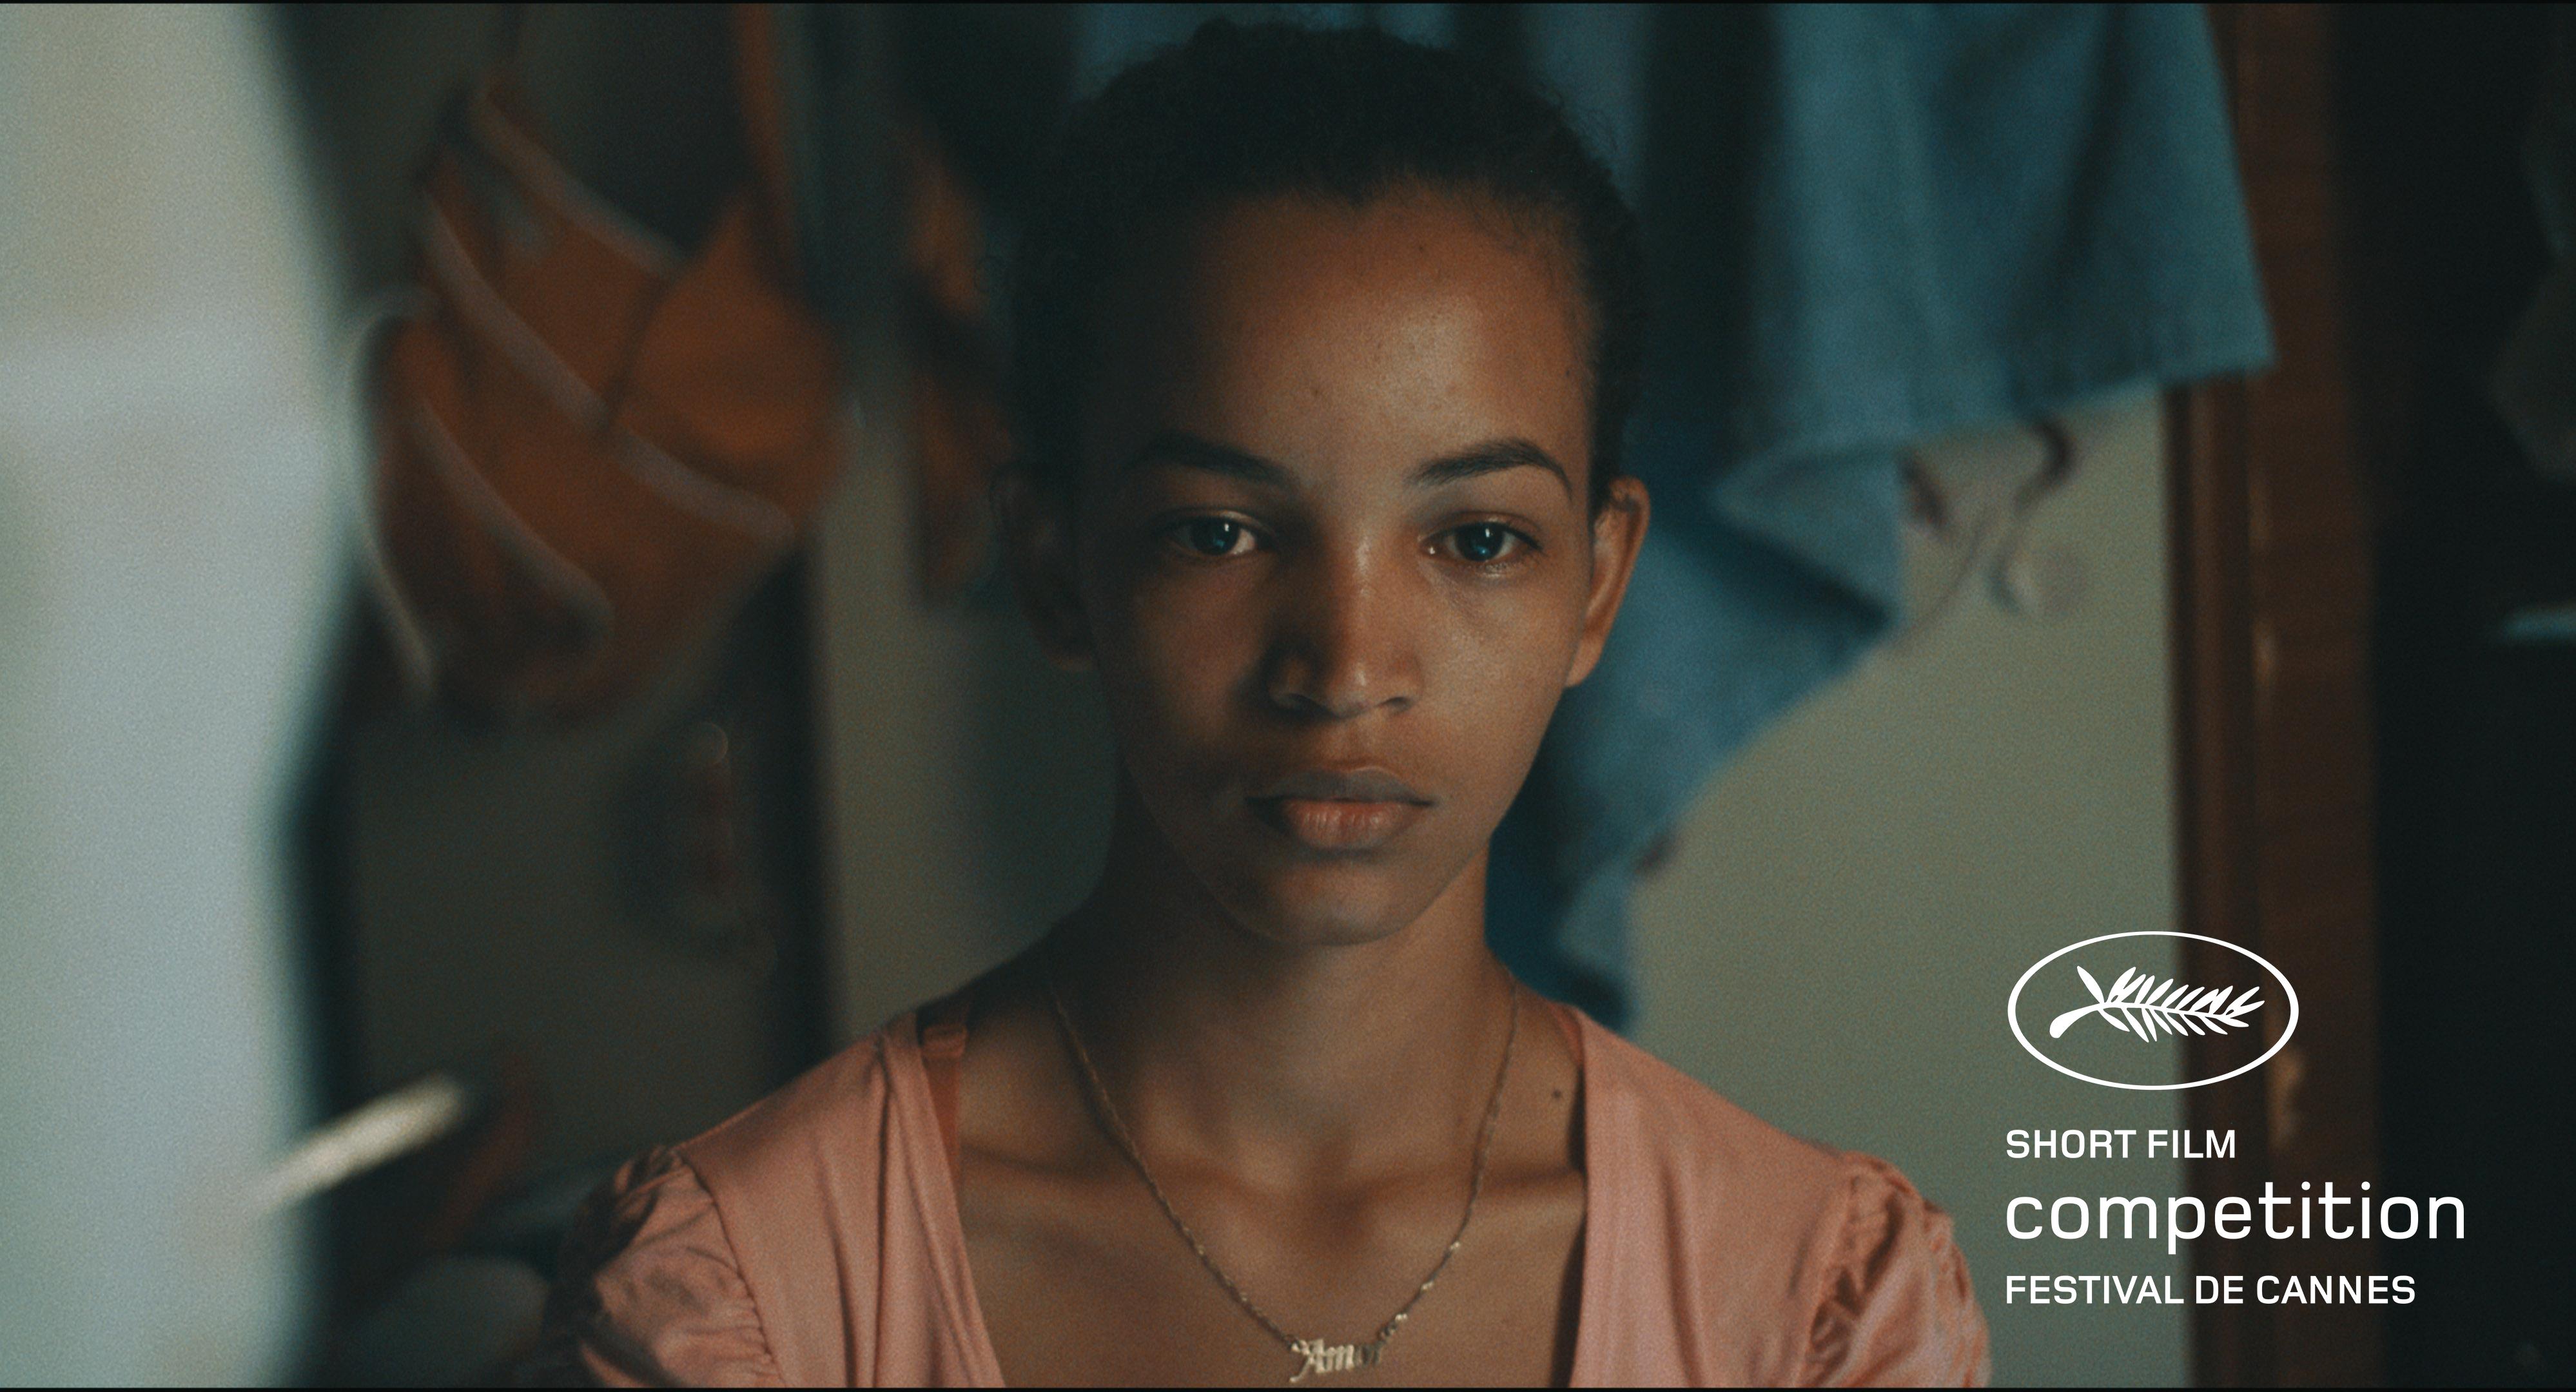 Curta brasileiro que compete em Cannes                                                      conta com participação de ex-aluna da AIC